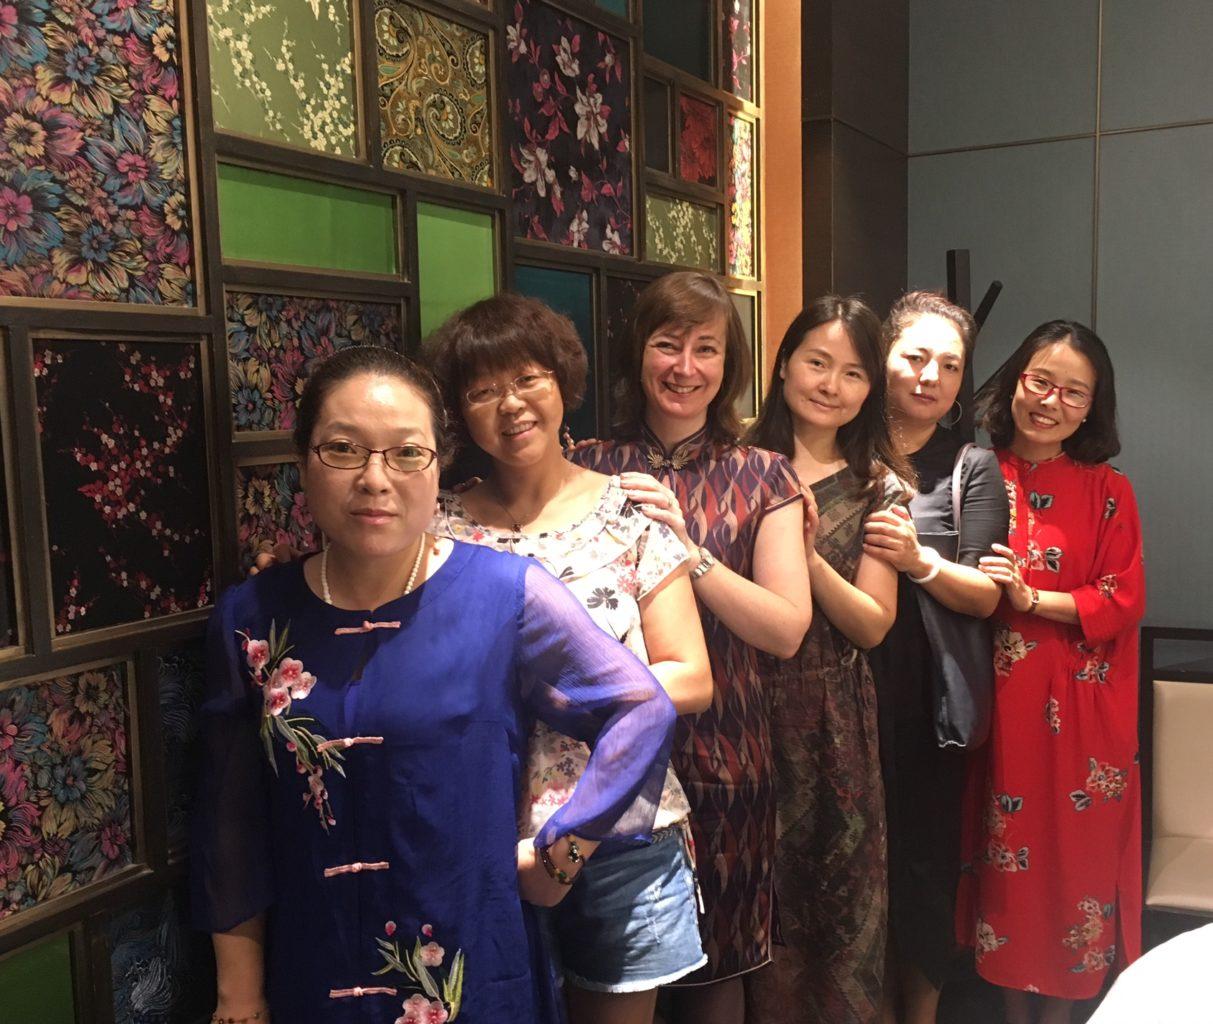 yulin-reunion-girls